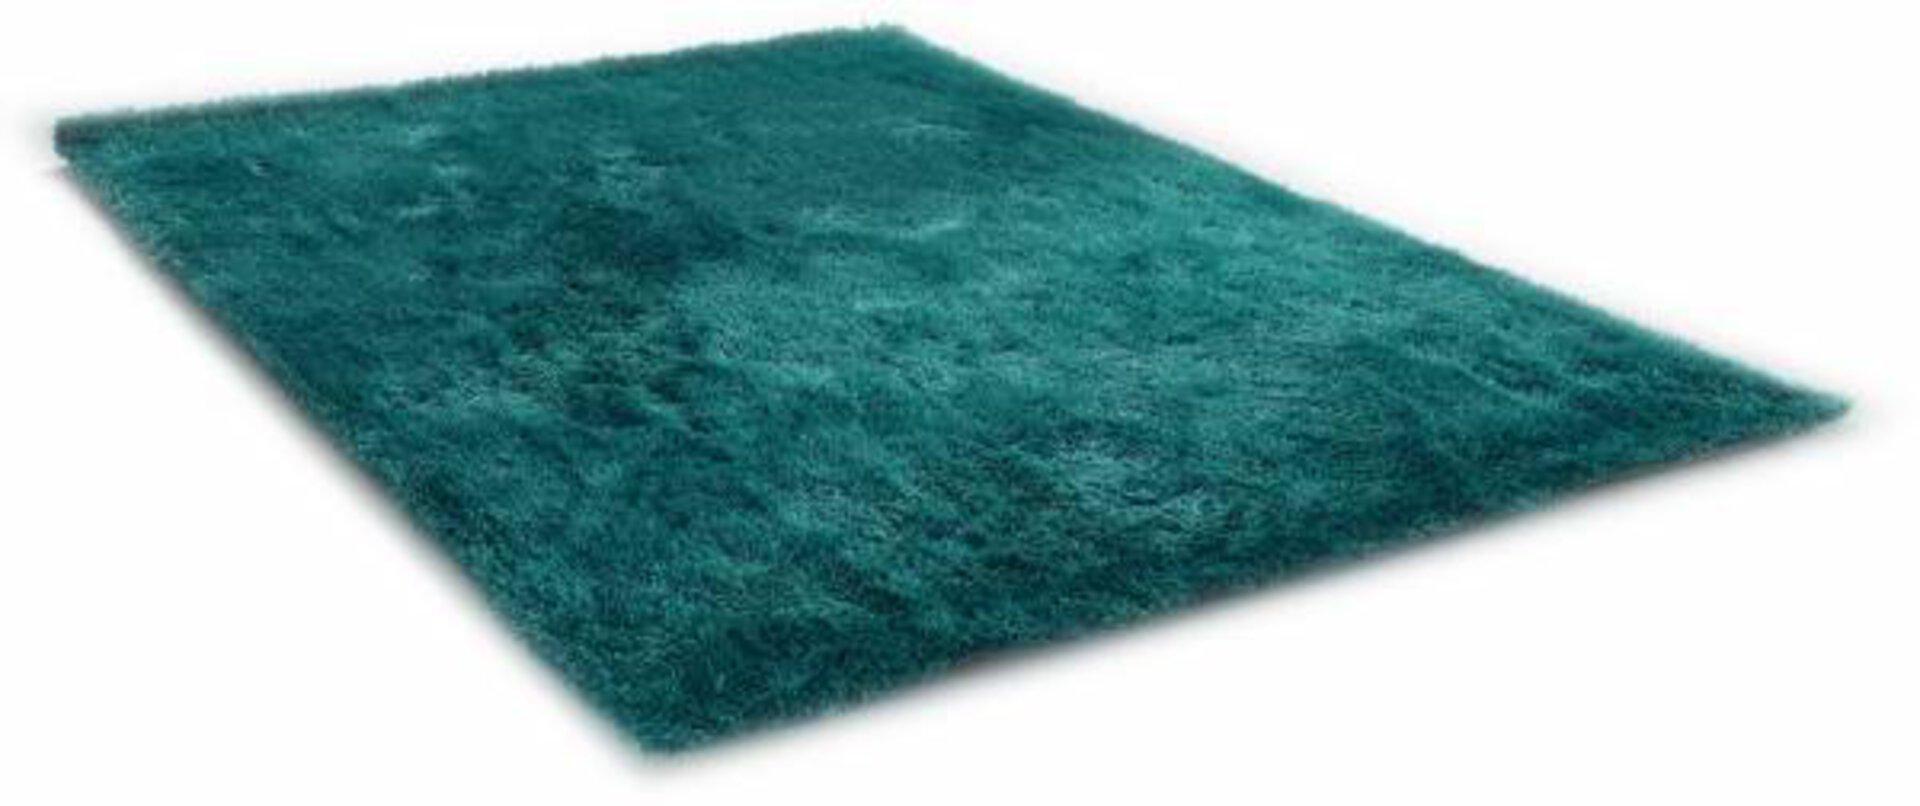 Hochflorteppich Soft Tom Tailor Textil 65 x 130 cm